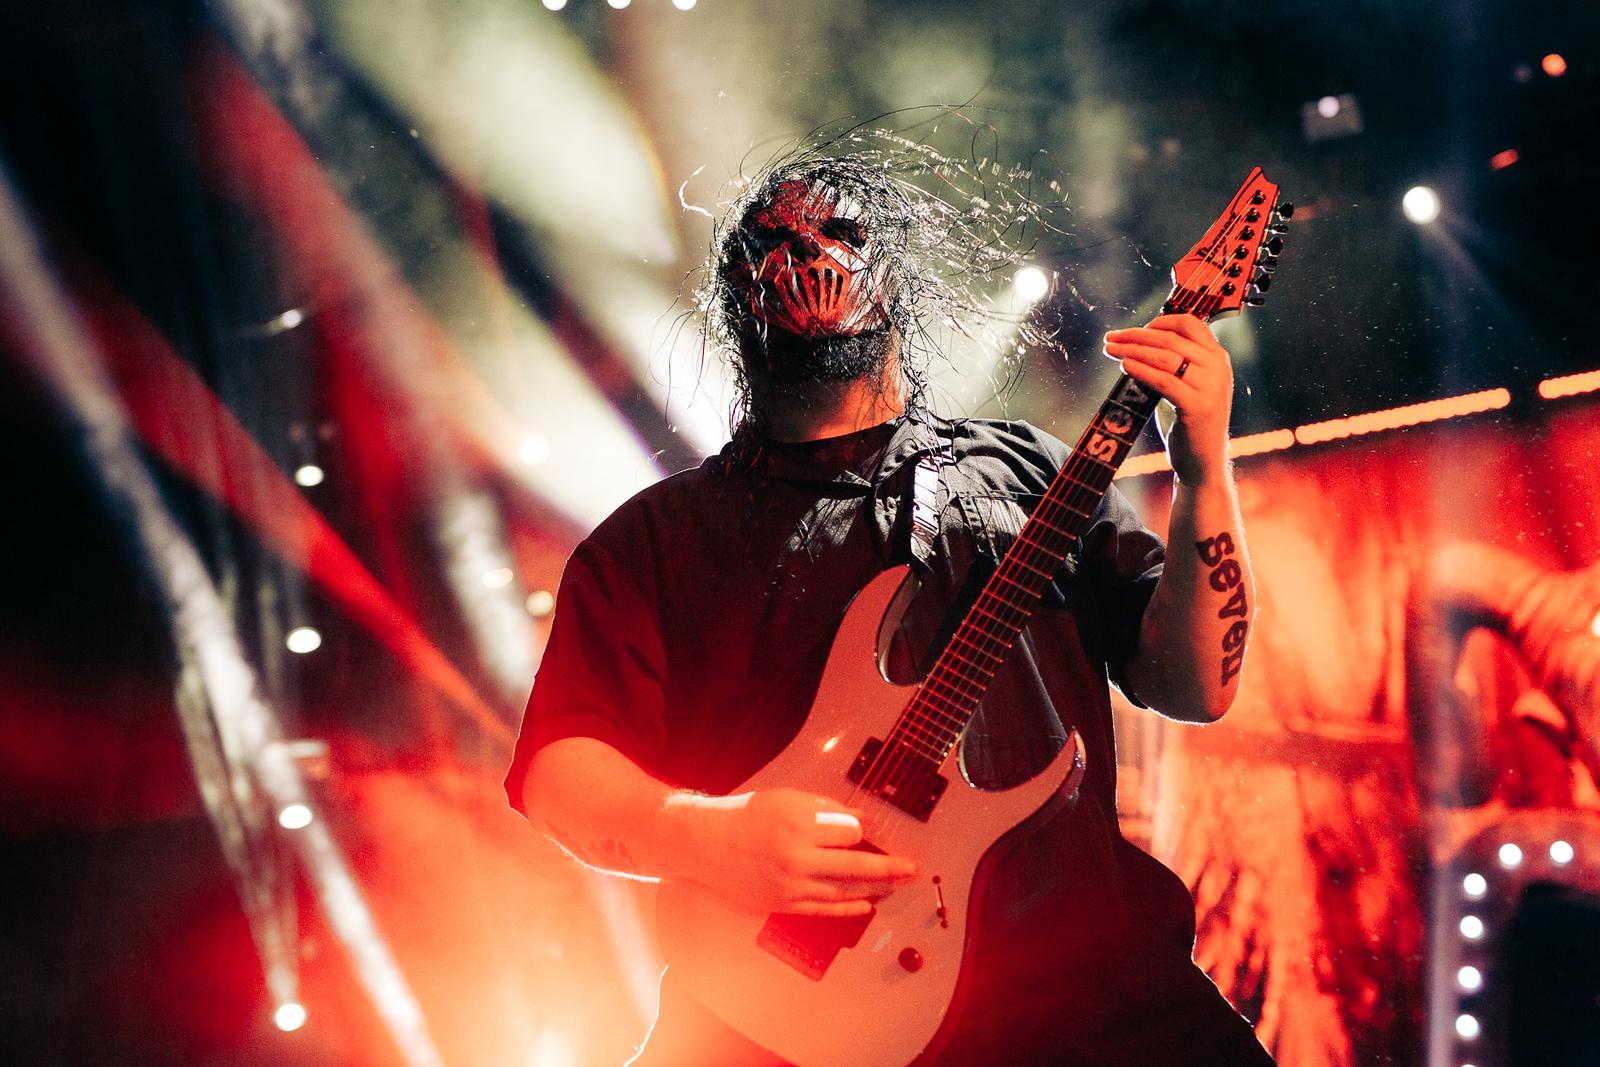 Mick Thomas of Slipknot by Adam Elmakias